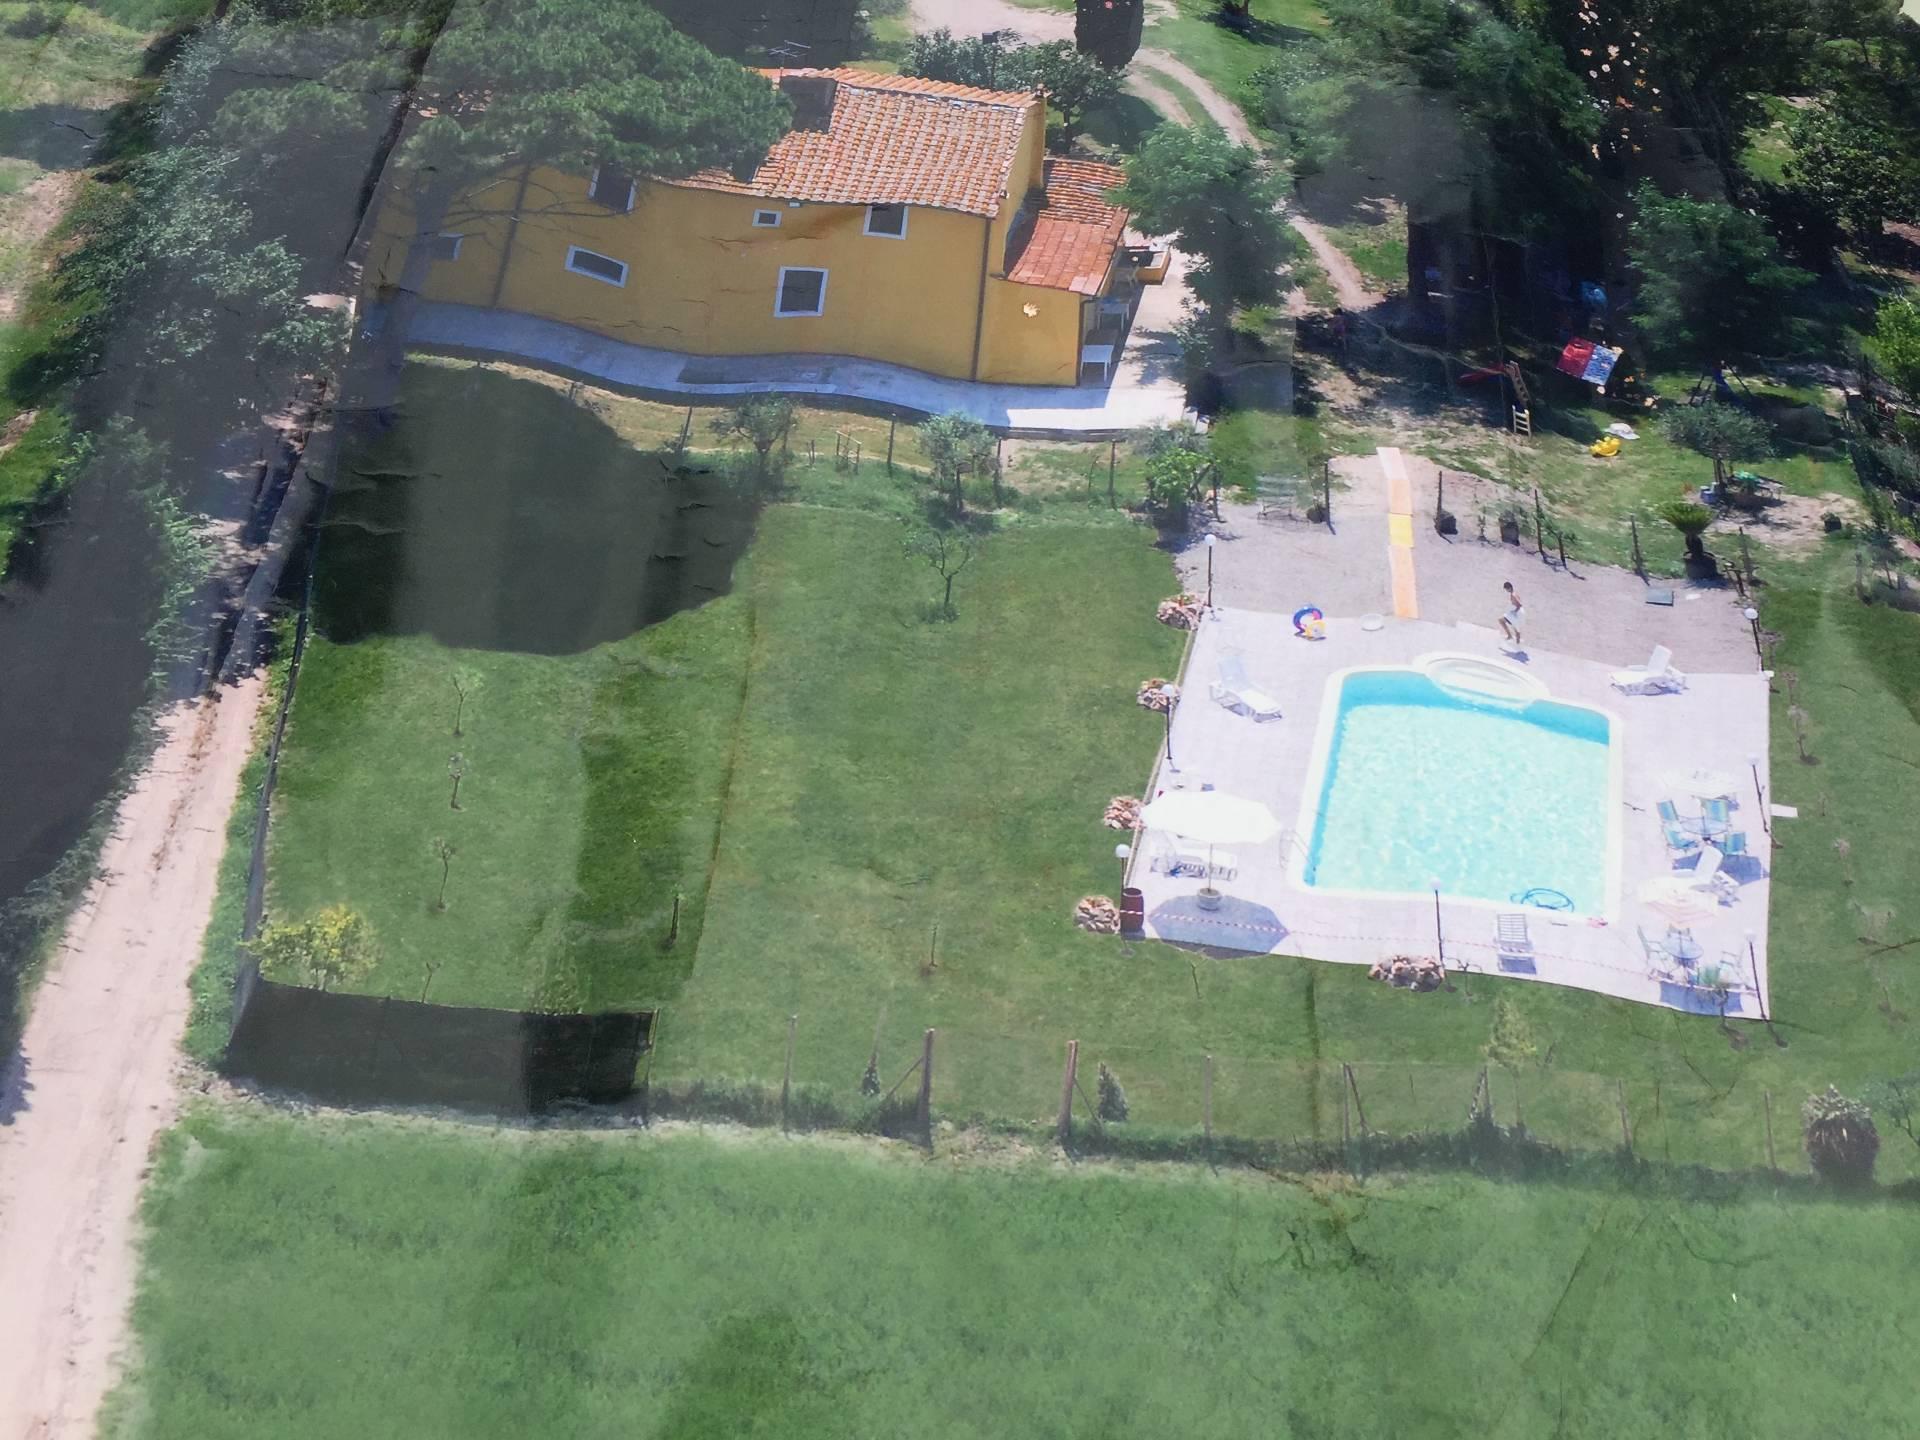 Soluzione Indipendente in affitto a Empoli, 3 locali, zona Località: MolinNuovo, prezzo € 400 | CambioCasa.it